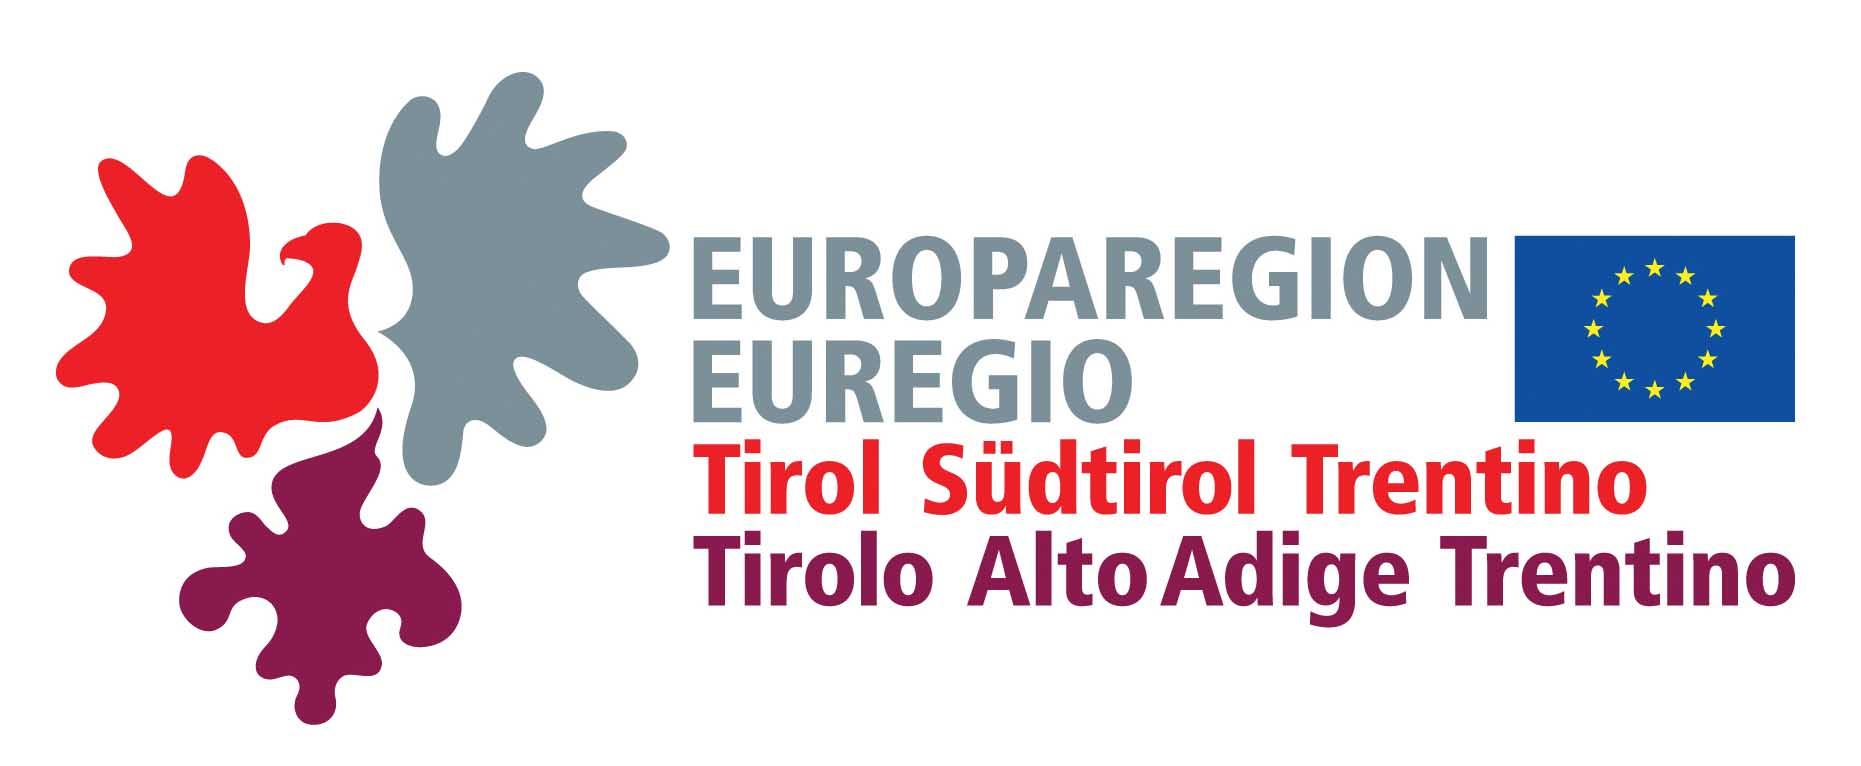 Gect euregio TAA tirol logo 1